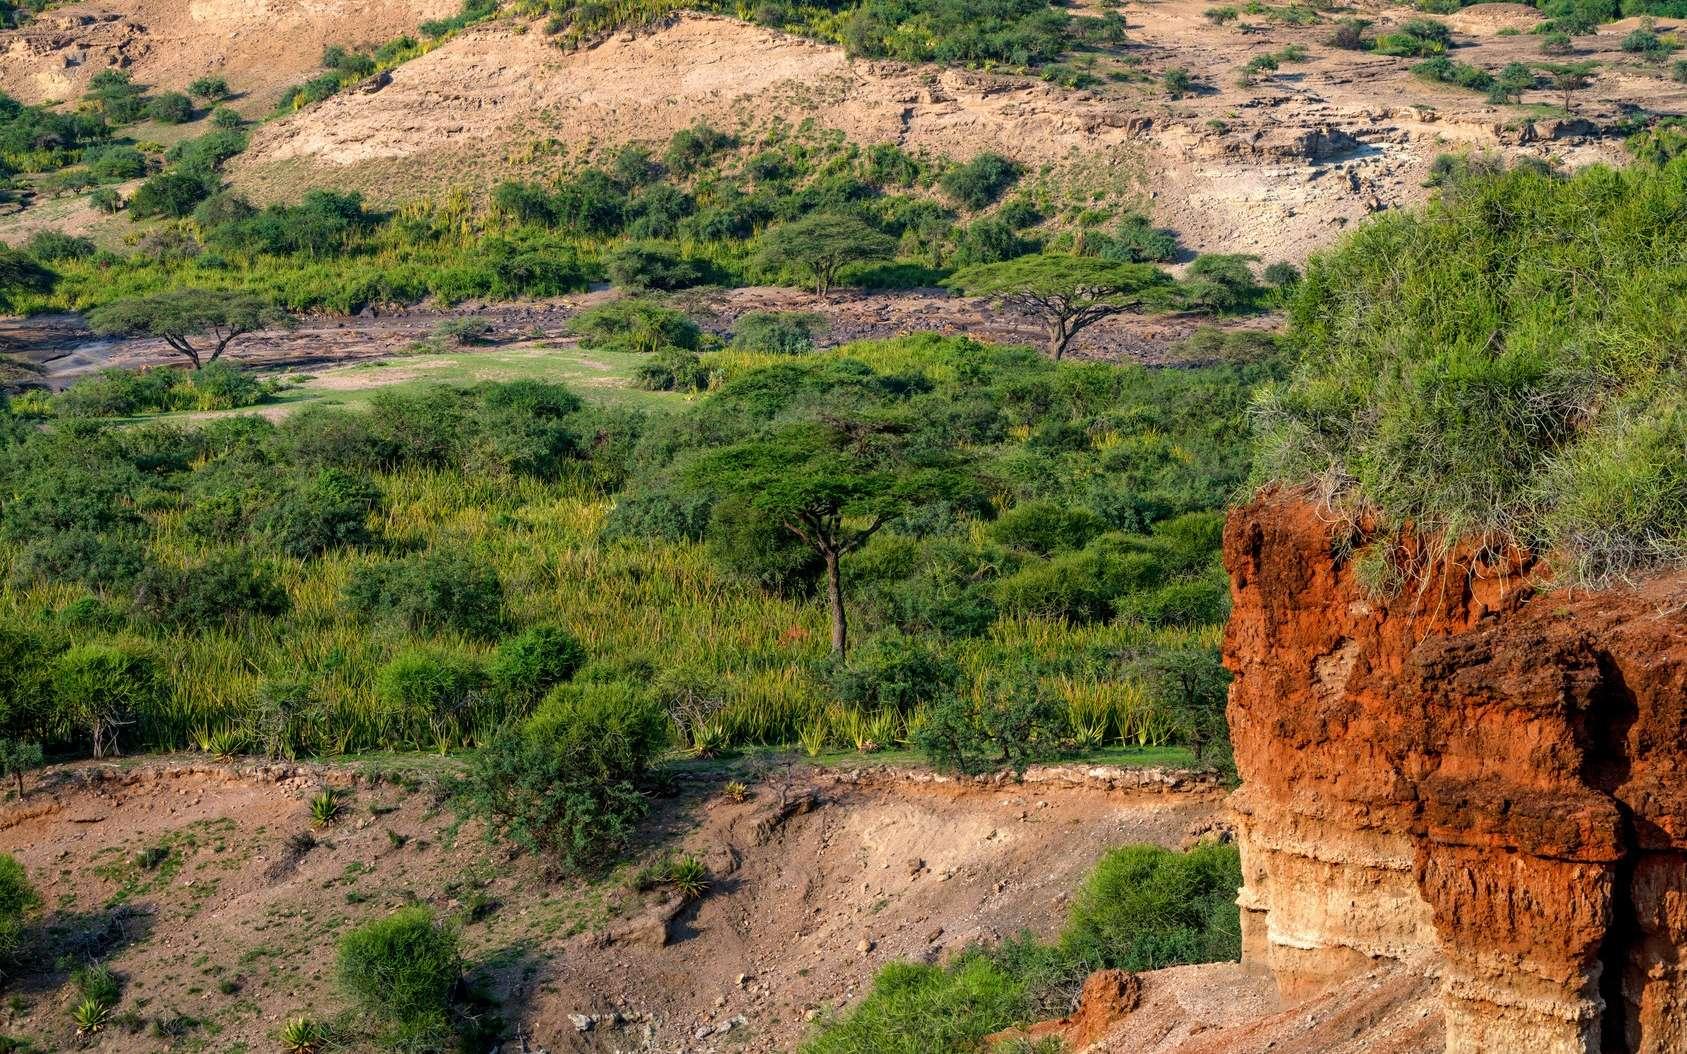 En Tanzanie, le site d'Olduvai est connu pour avoir révélé des milliers d'ossements fossiles. © Yakov, Fotolia